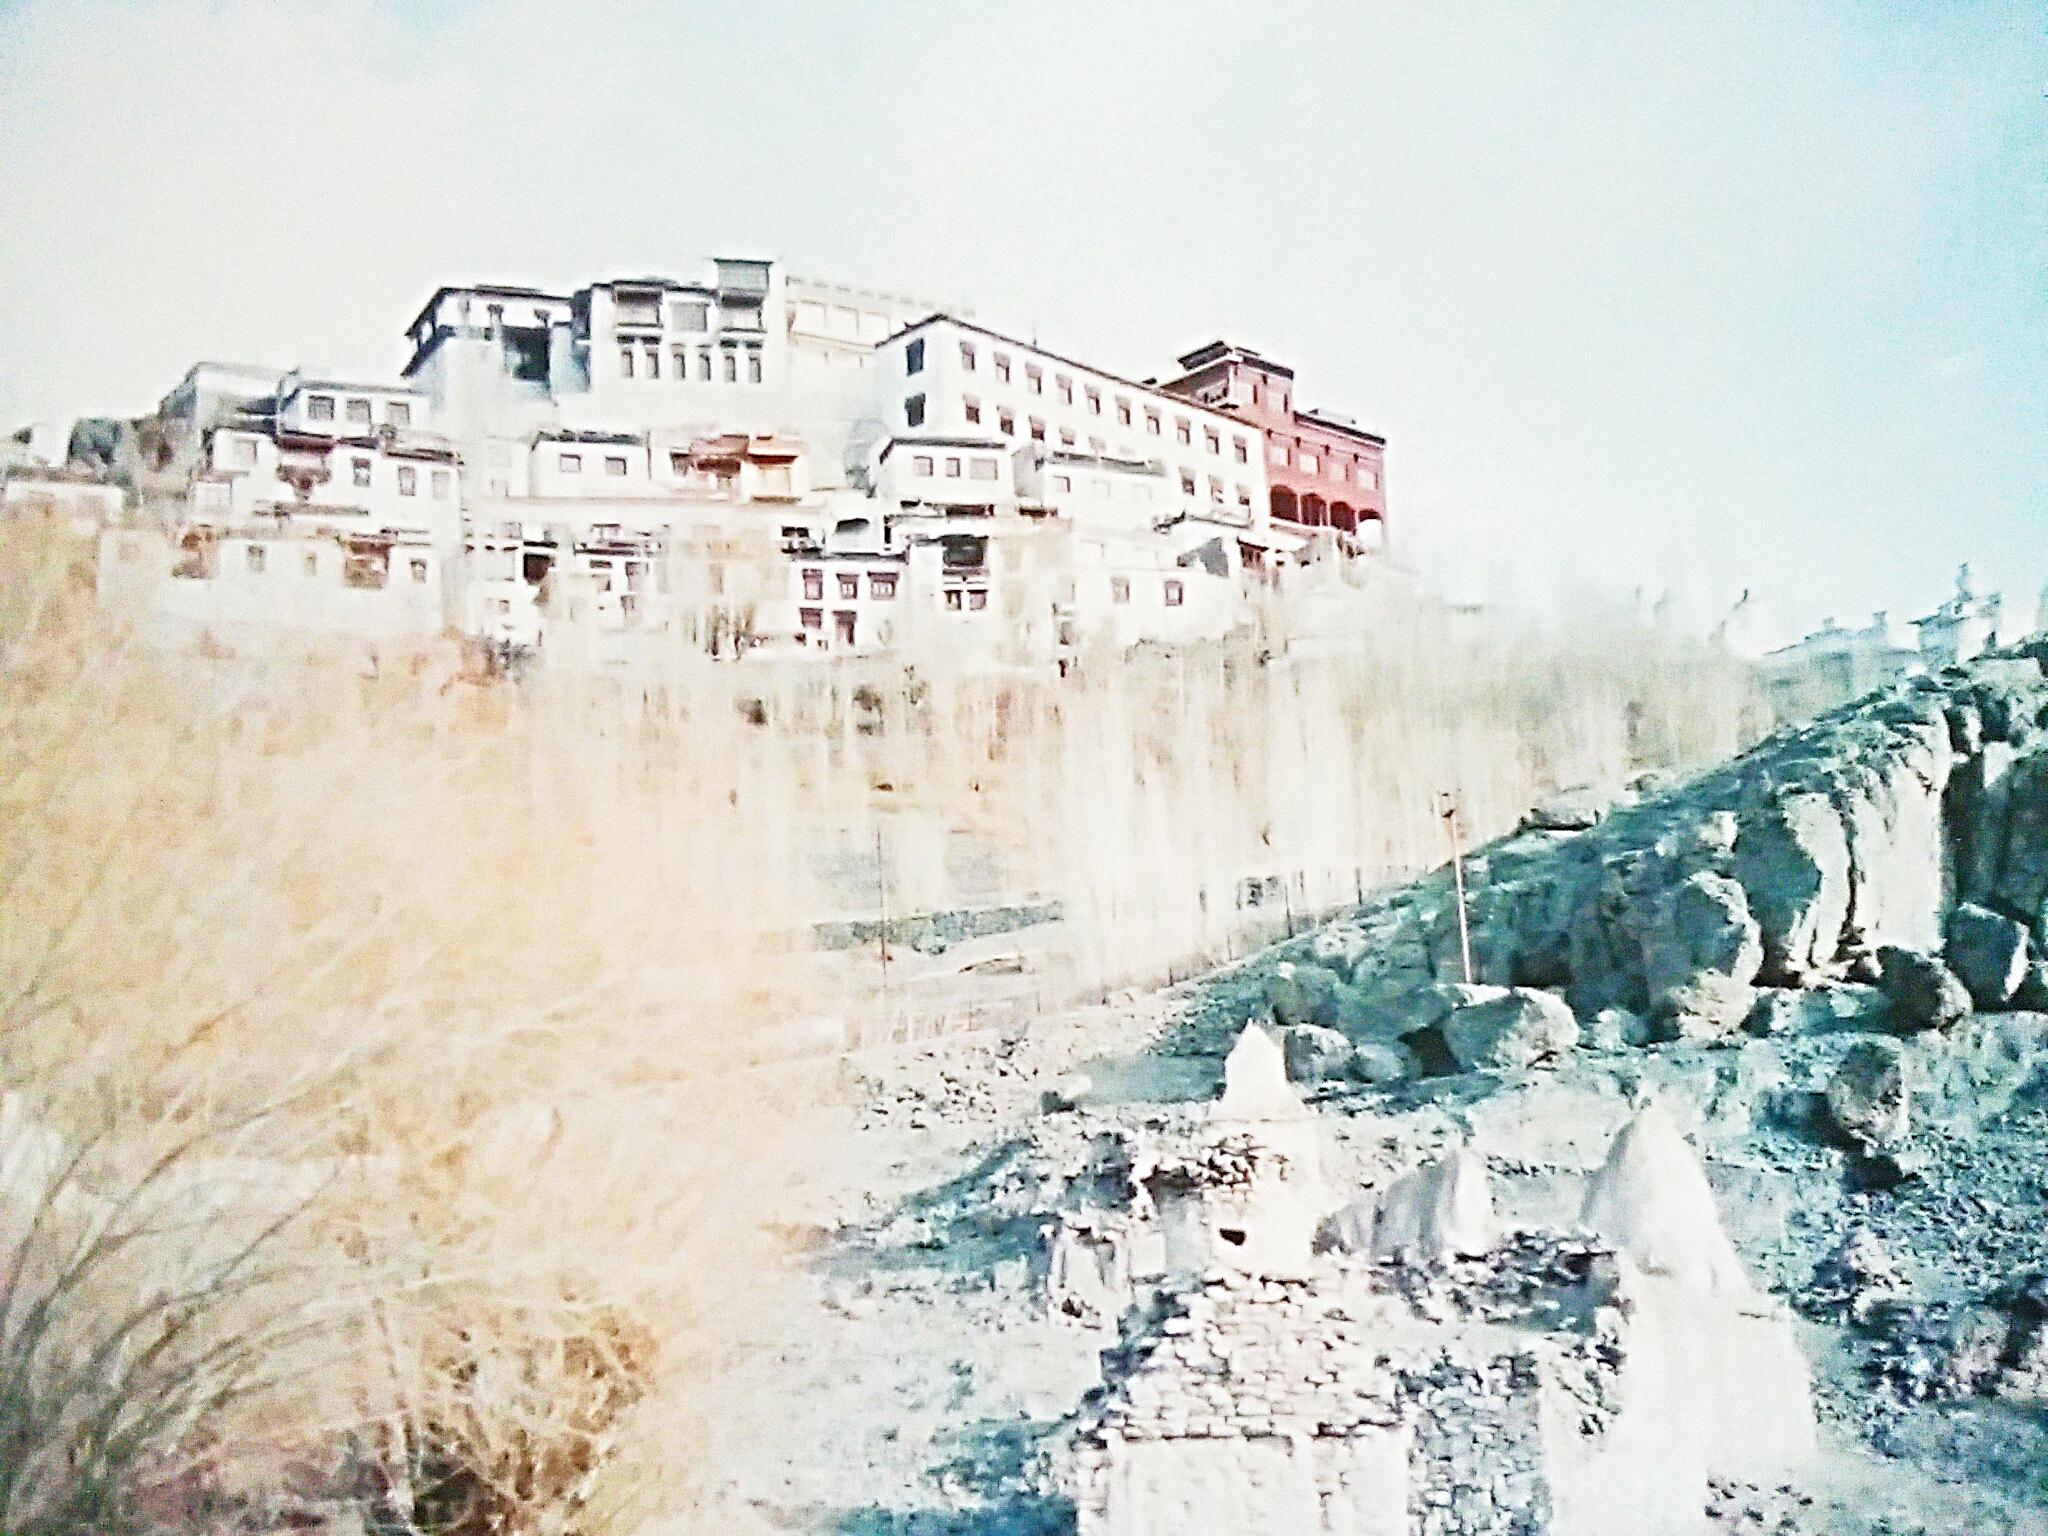 【インド秘境の地】ラダックで寺院巡りやトレッキングする方法とは?